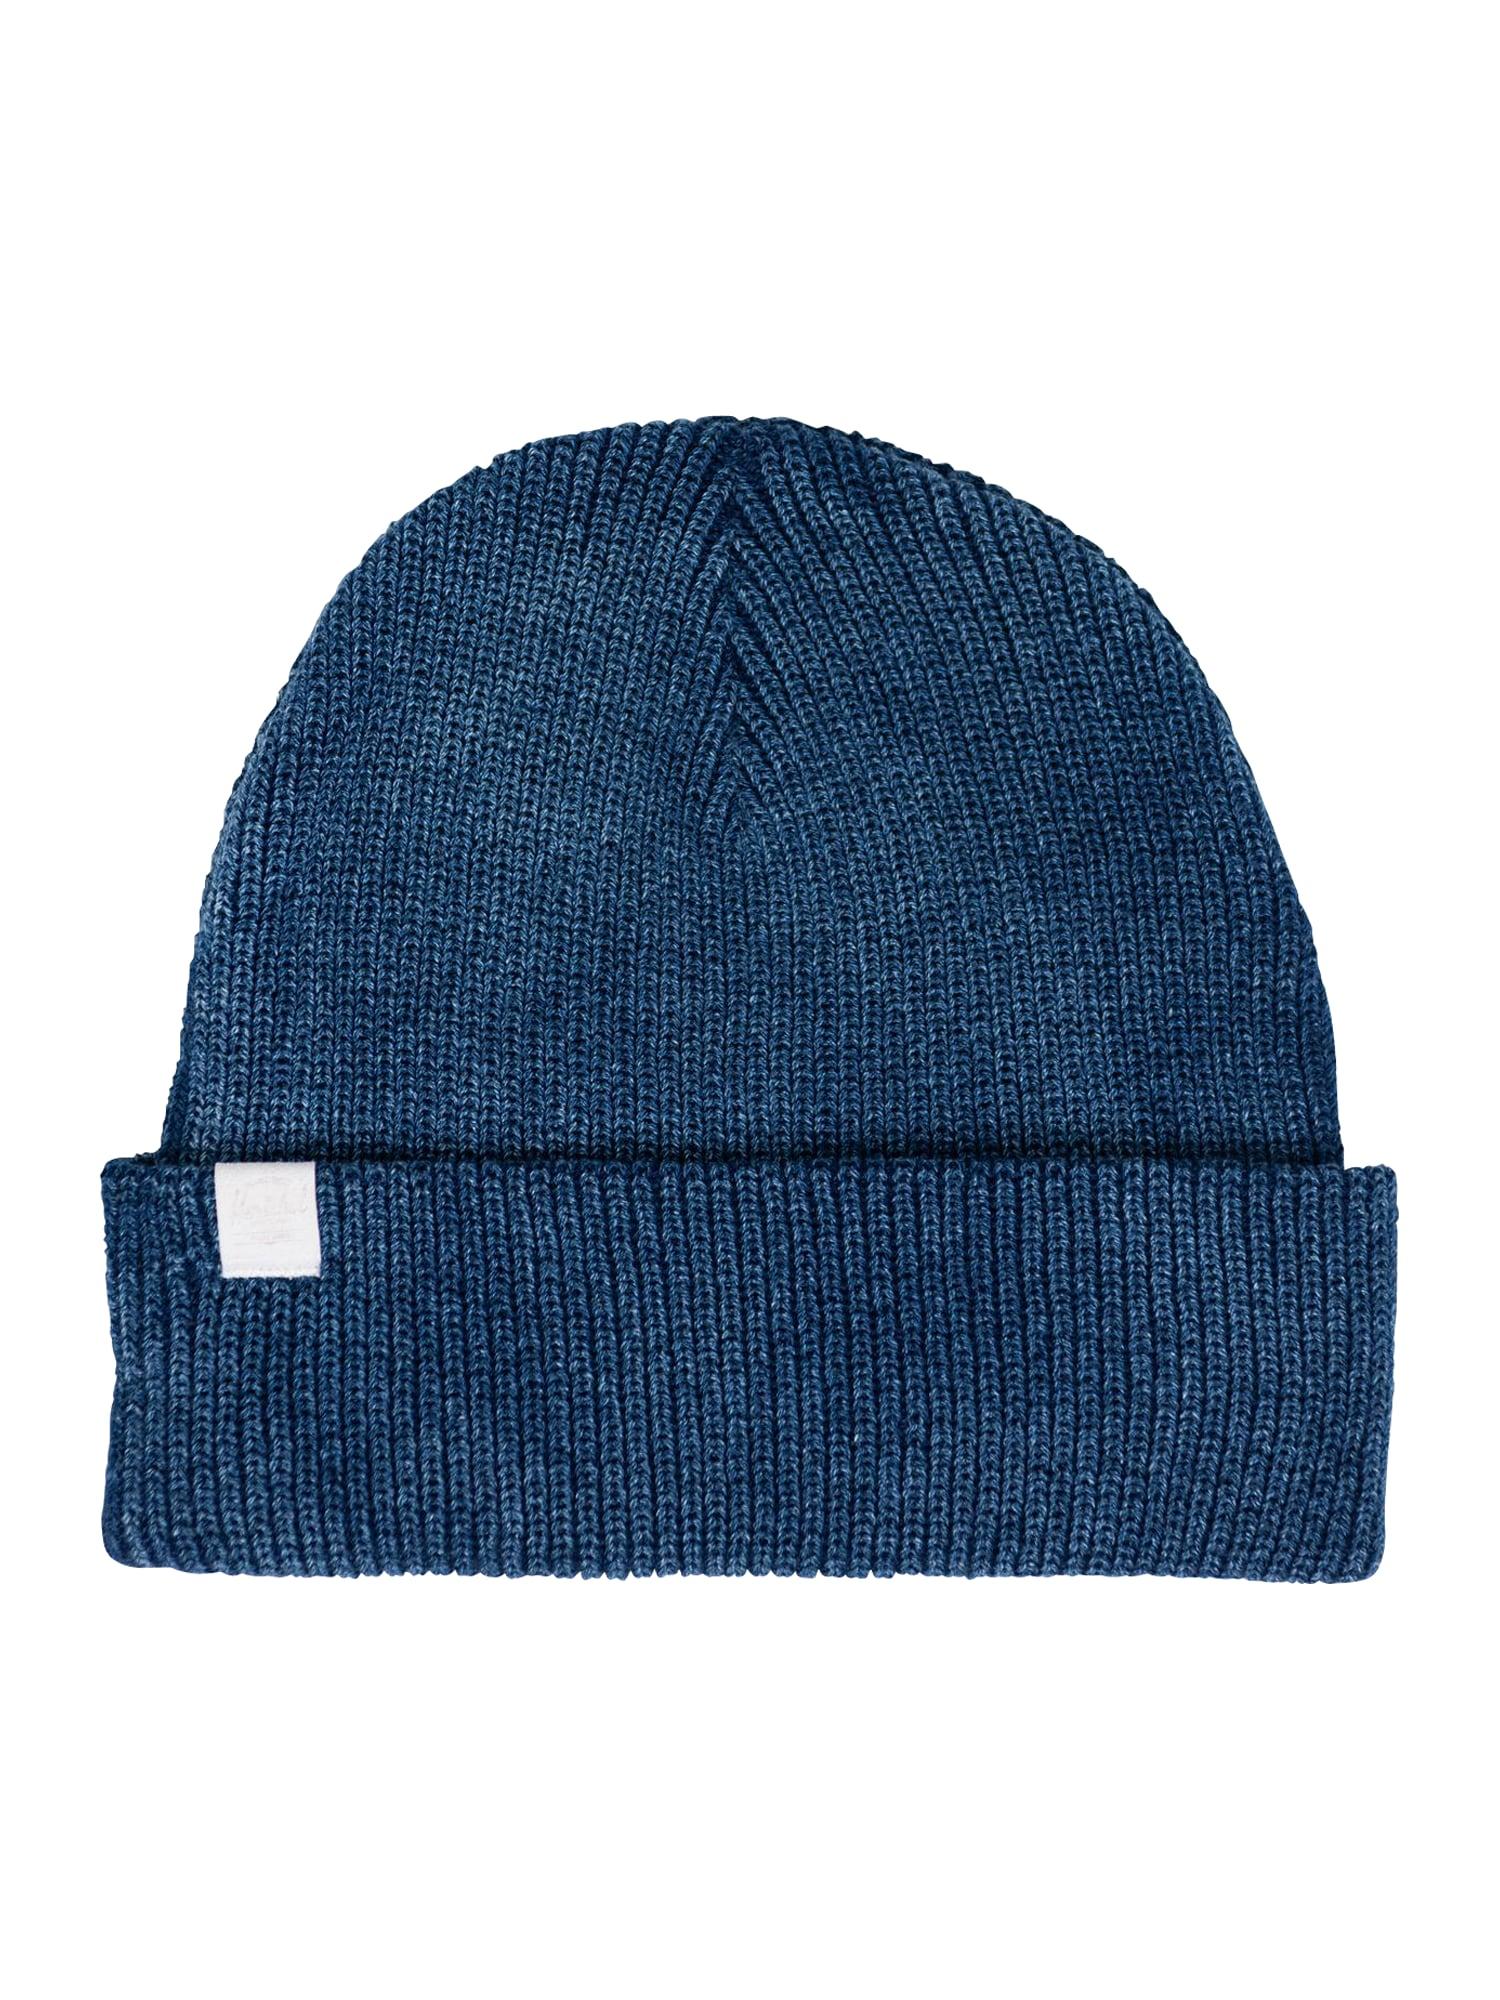 Herschel Megzta kepurė 'Quartz' mėlyna